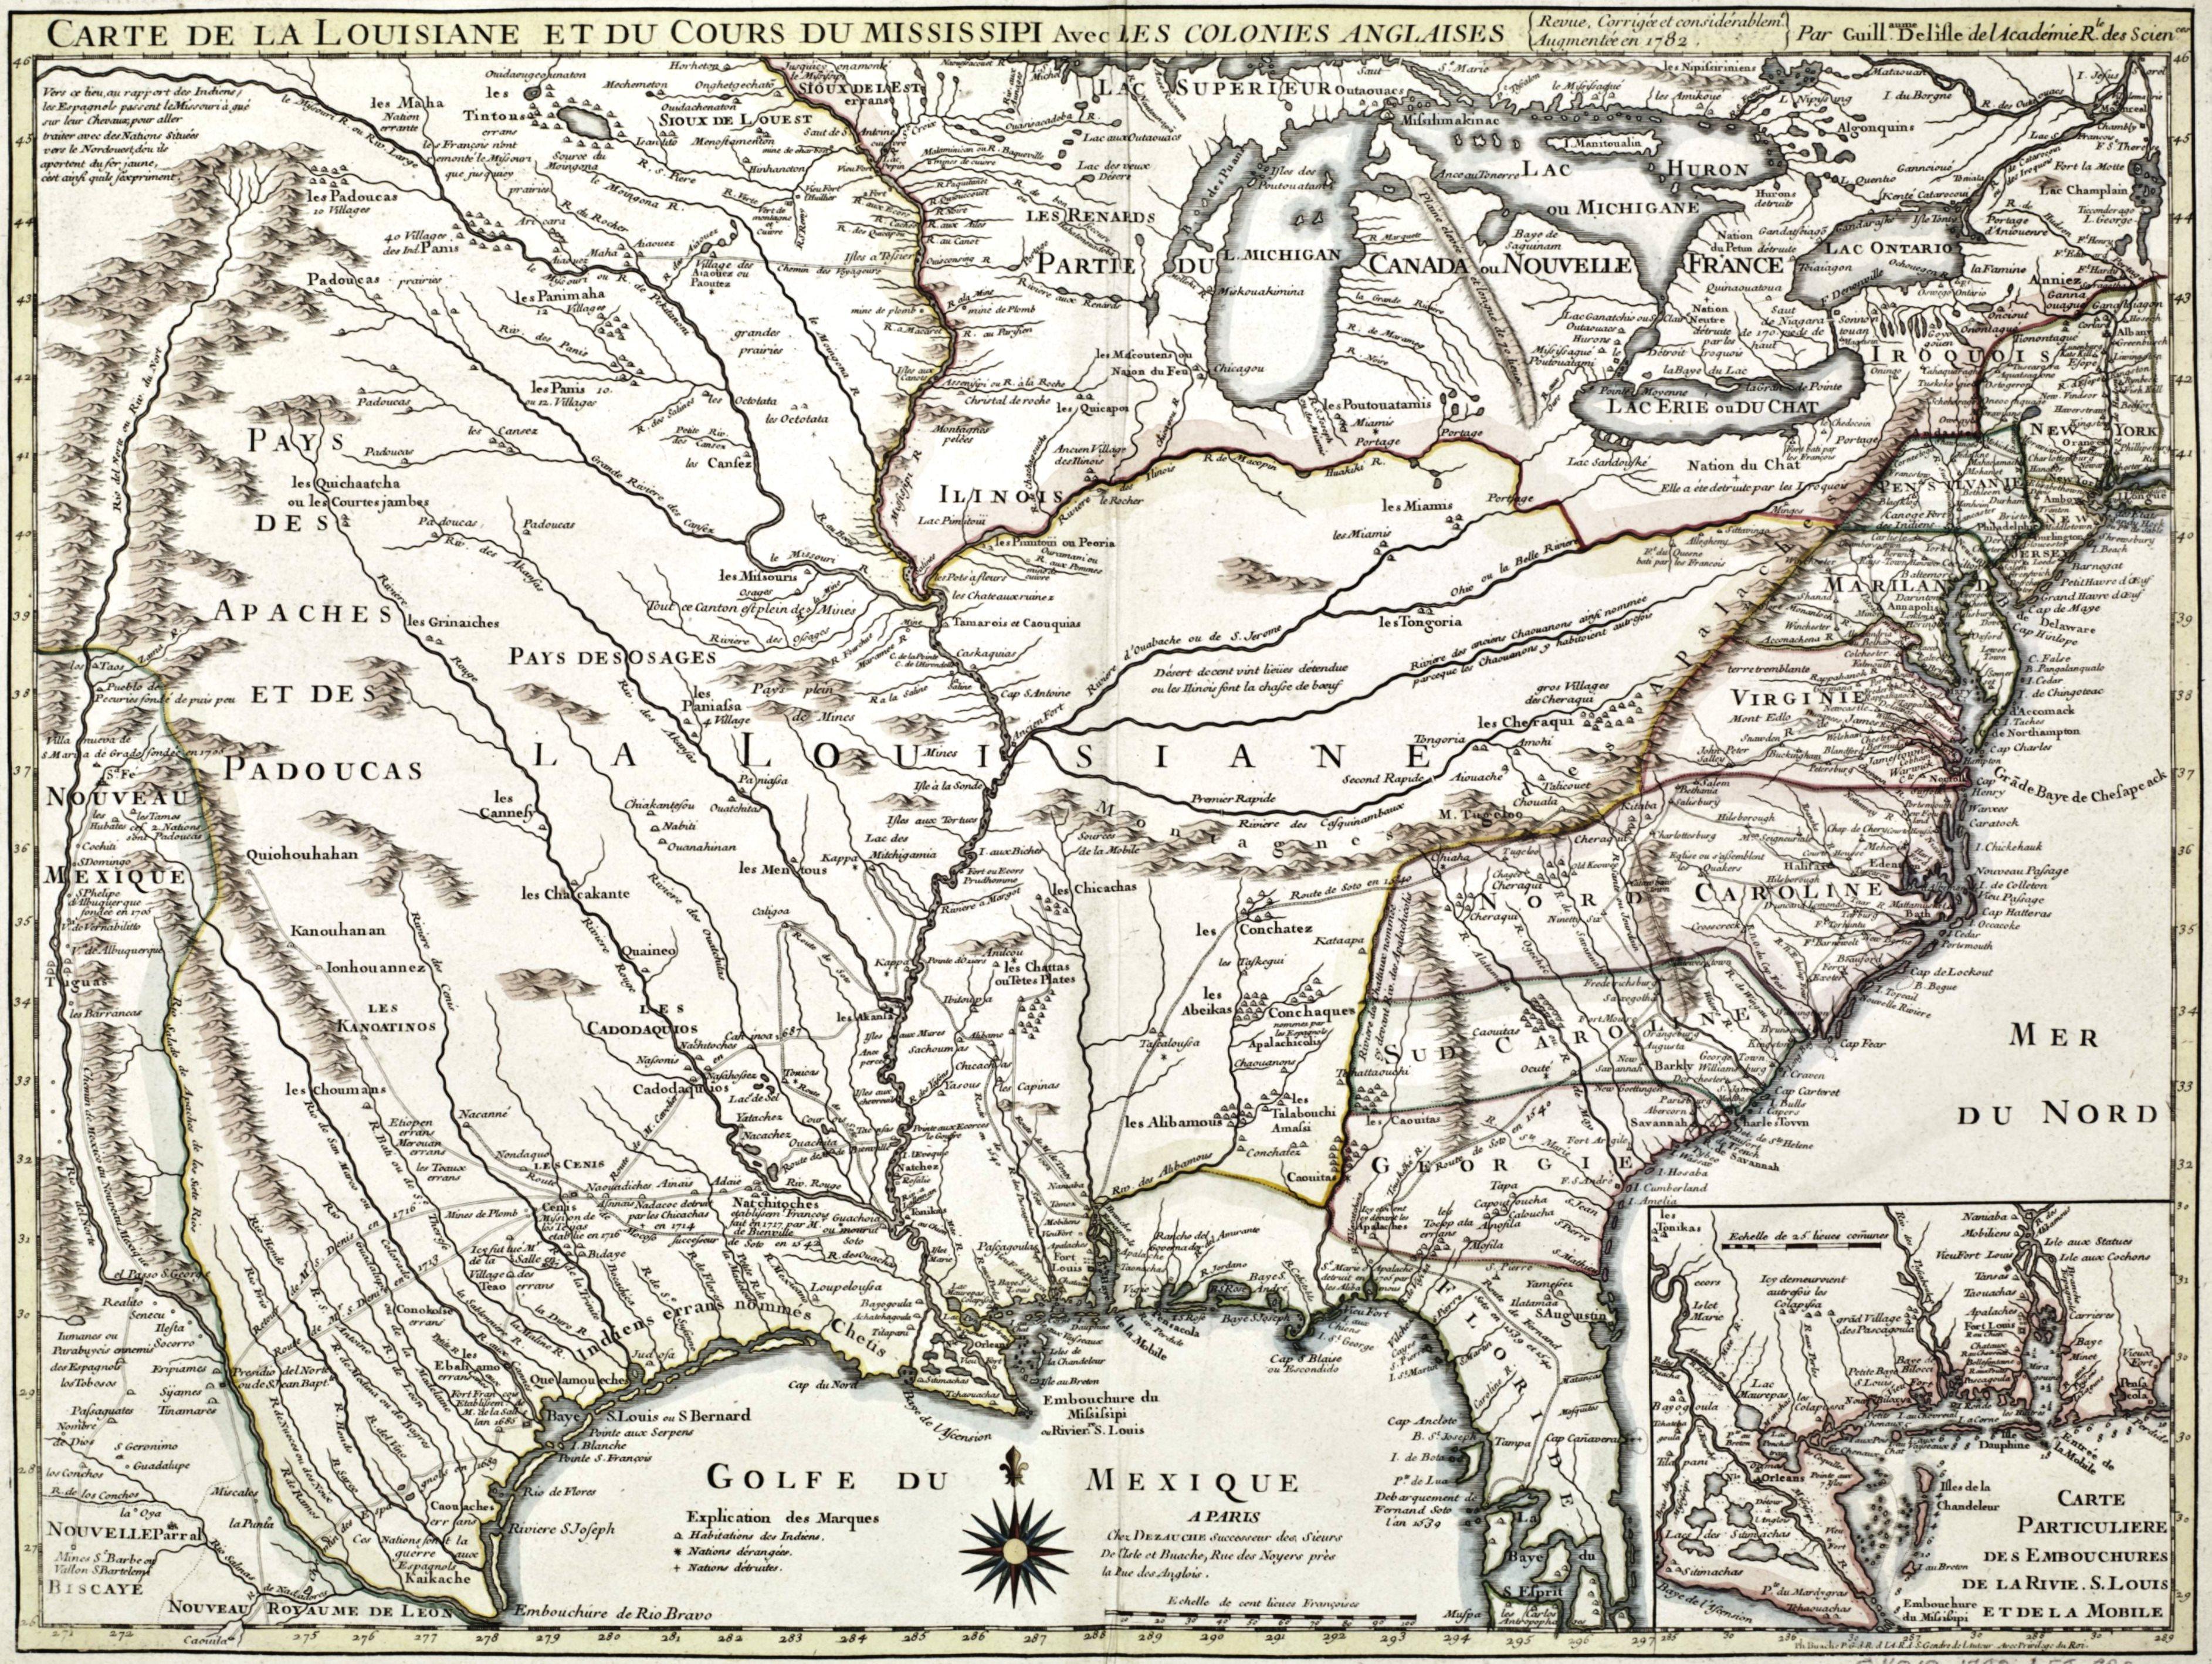 carte de la louisiane File:Carte de la Louisiane et du cours du Mississipi, avec les